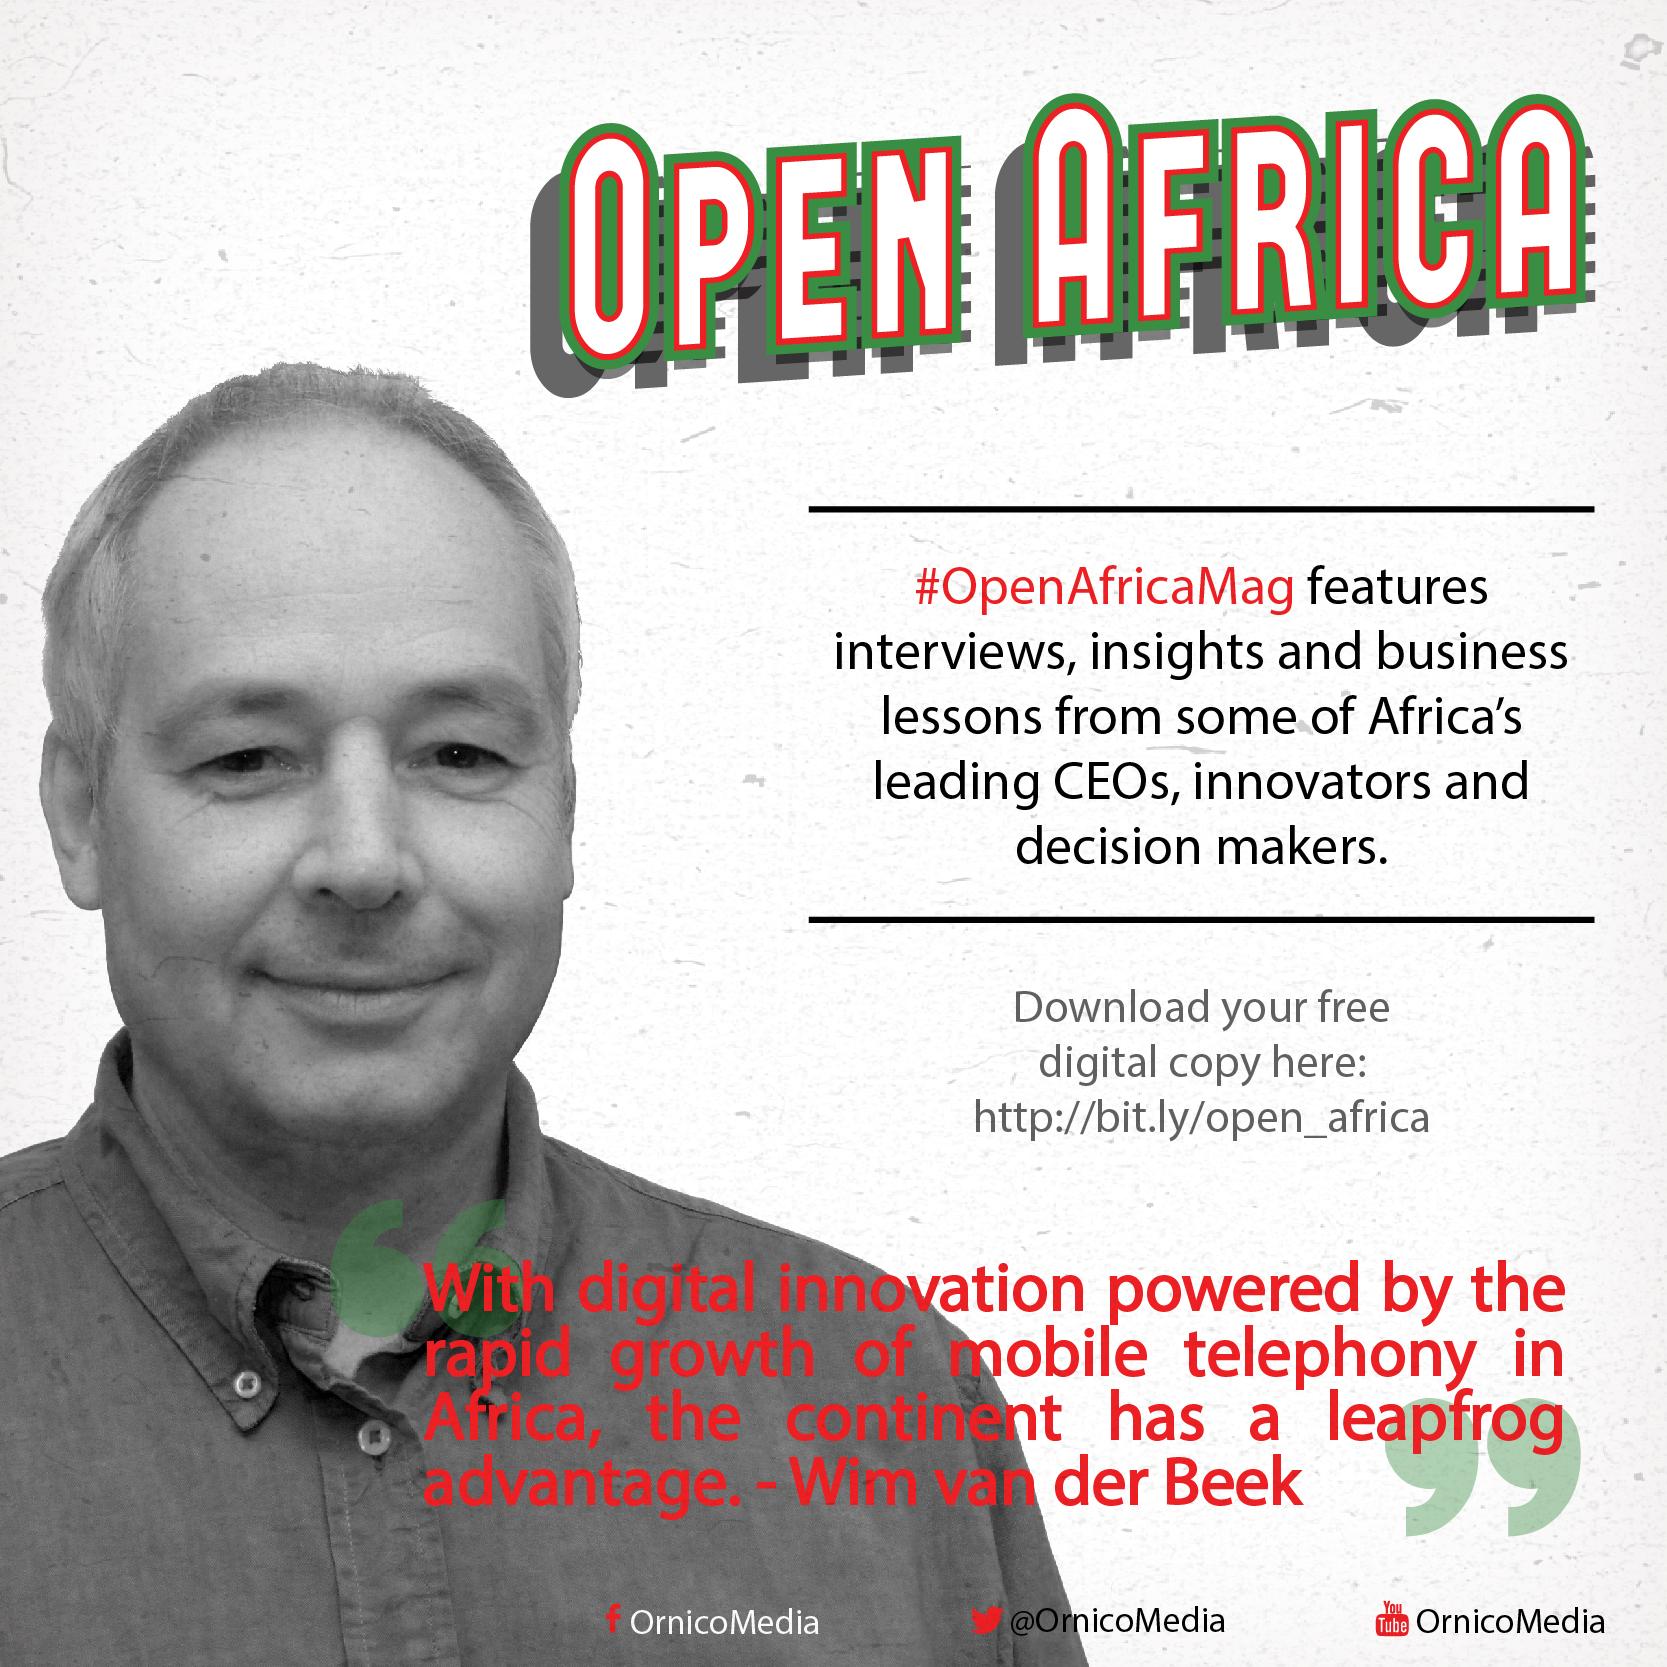 Open Africa: Wim van der Beek